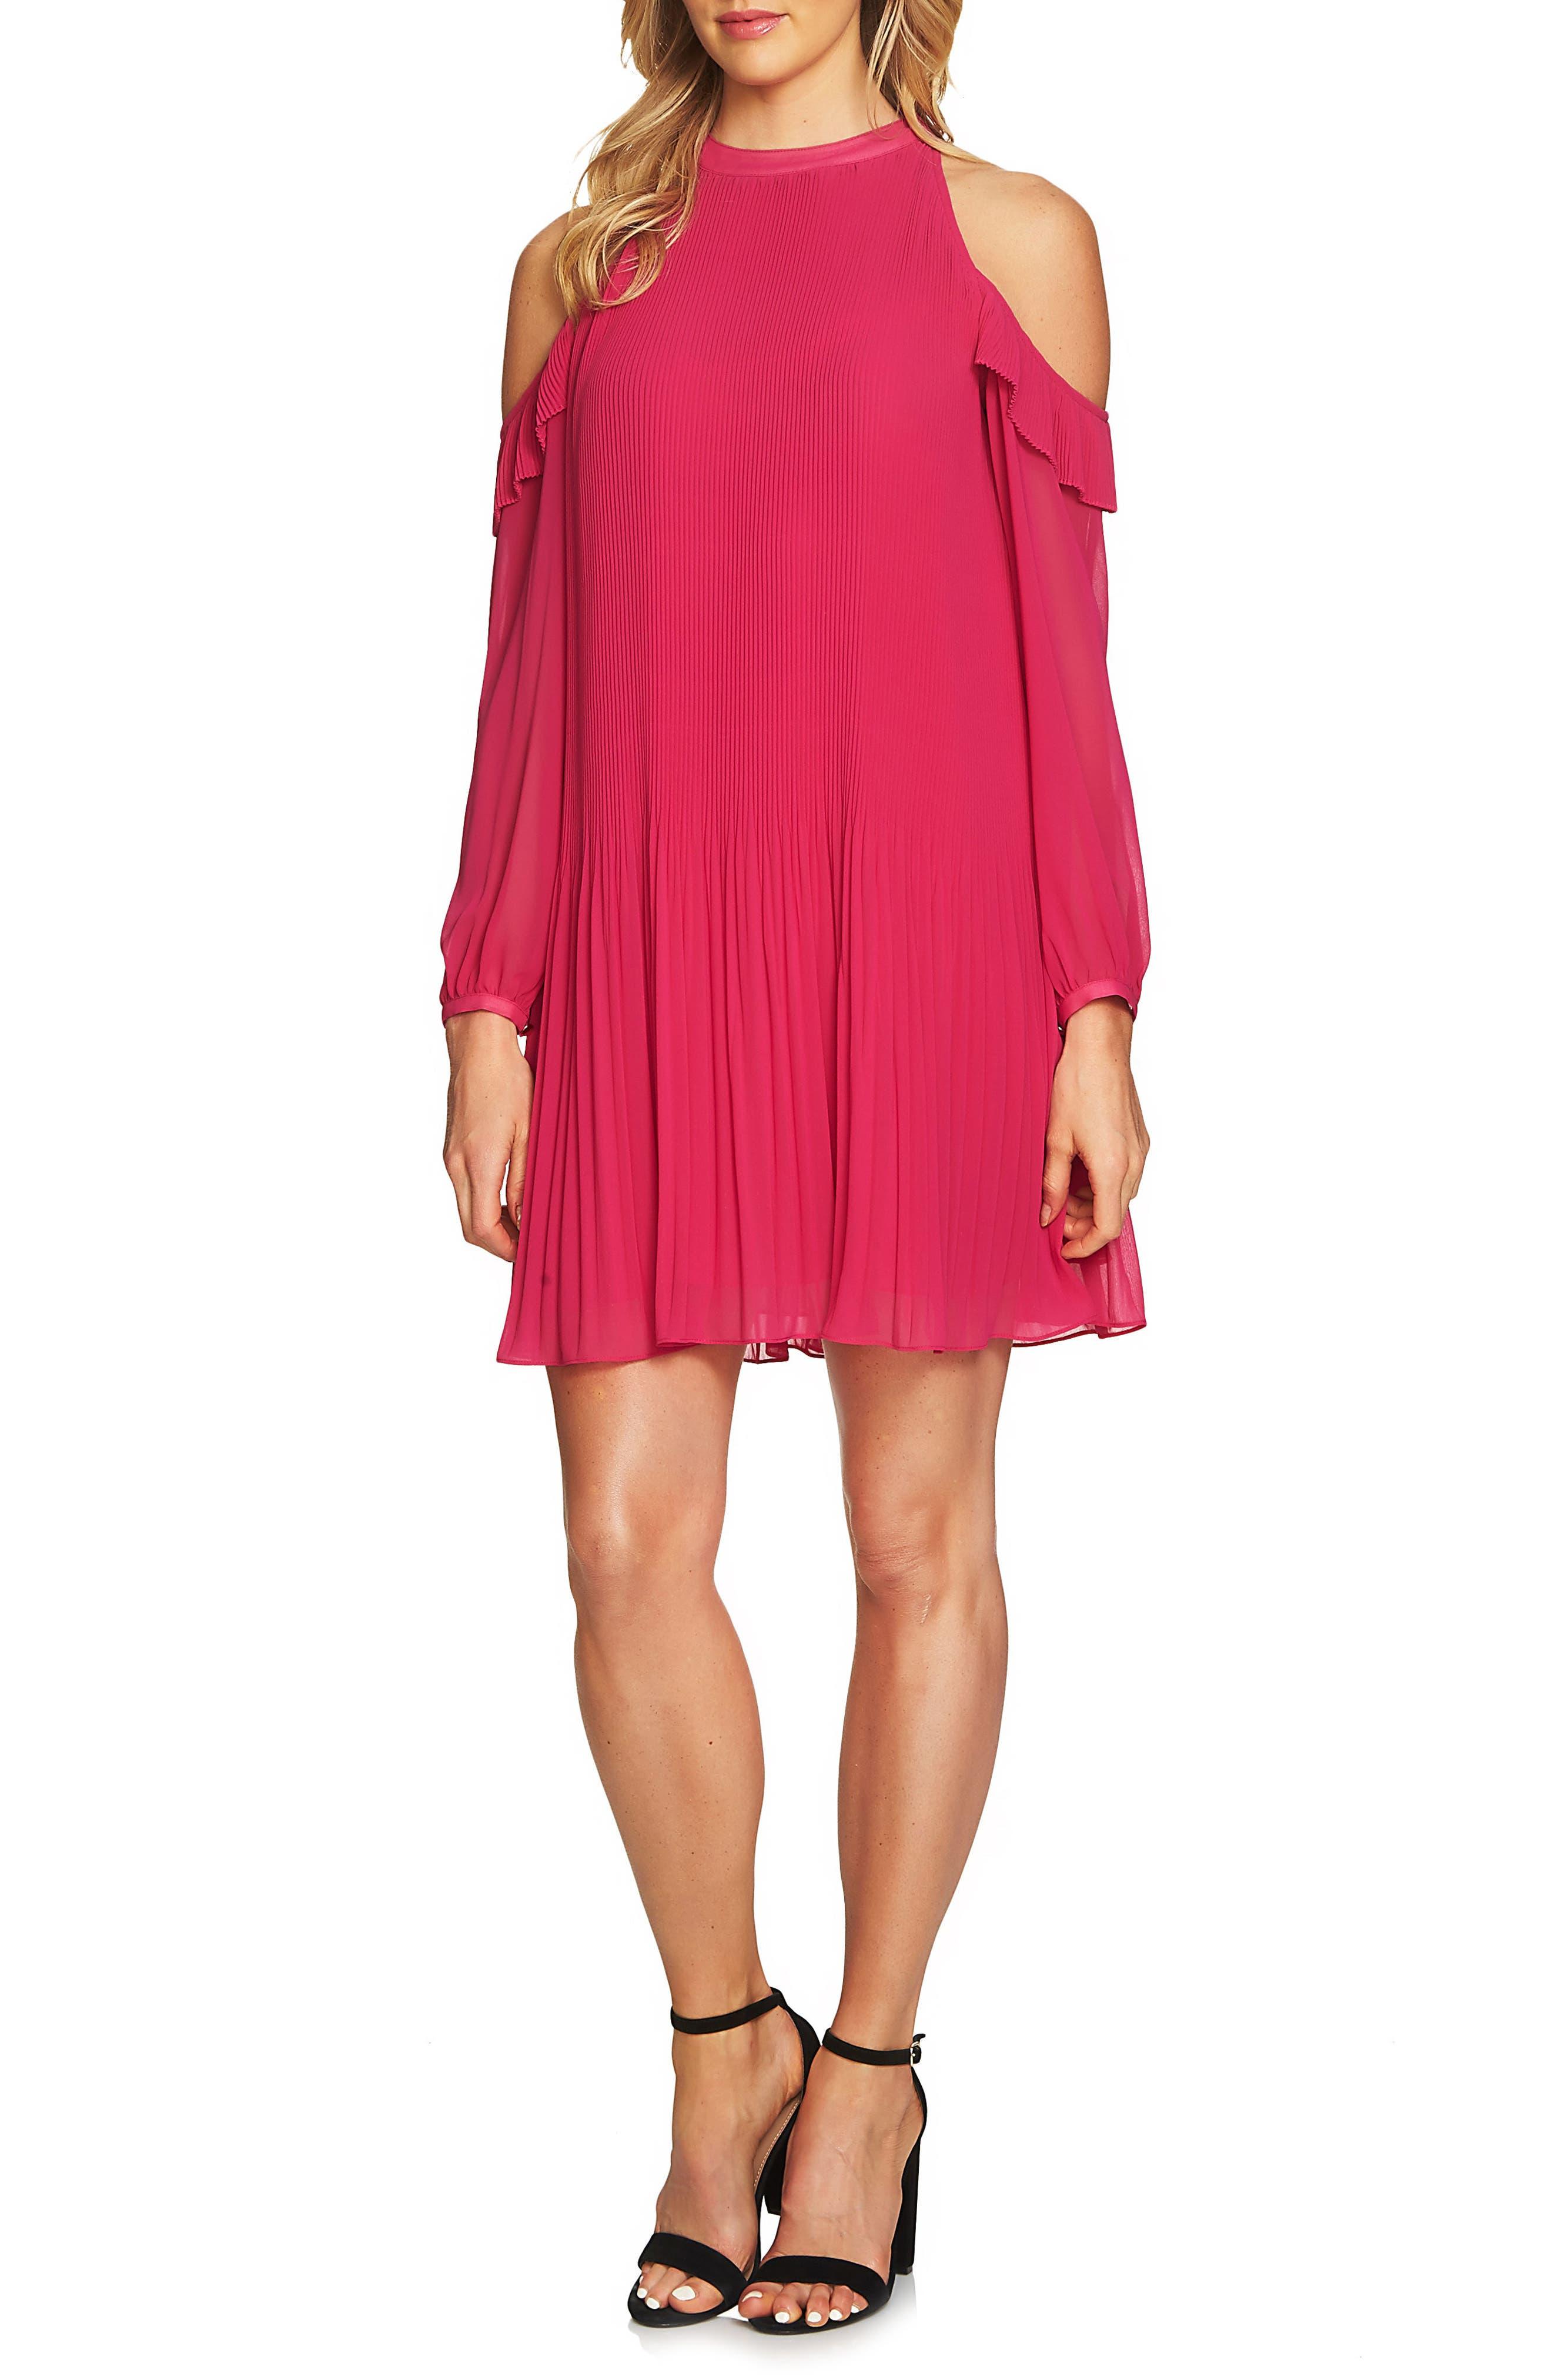 Noelle Cold Shoulder Chiffon Trapeze Dress,                         Main,                         color, Rose Dahlia